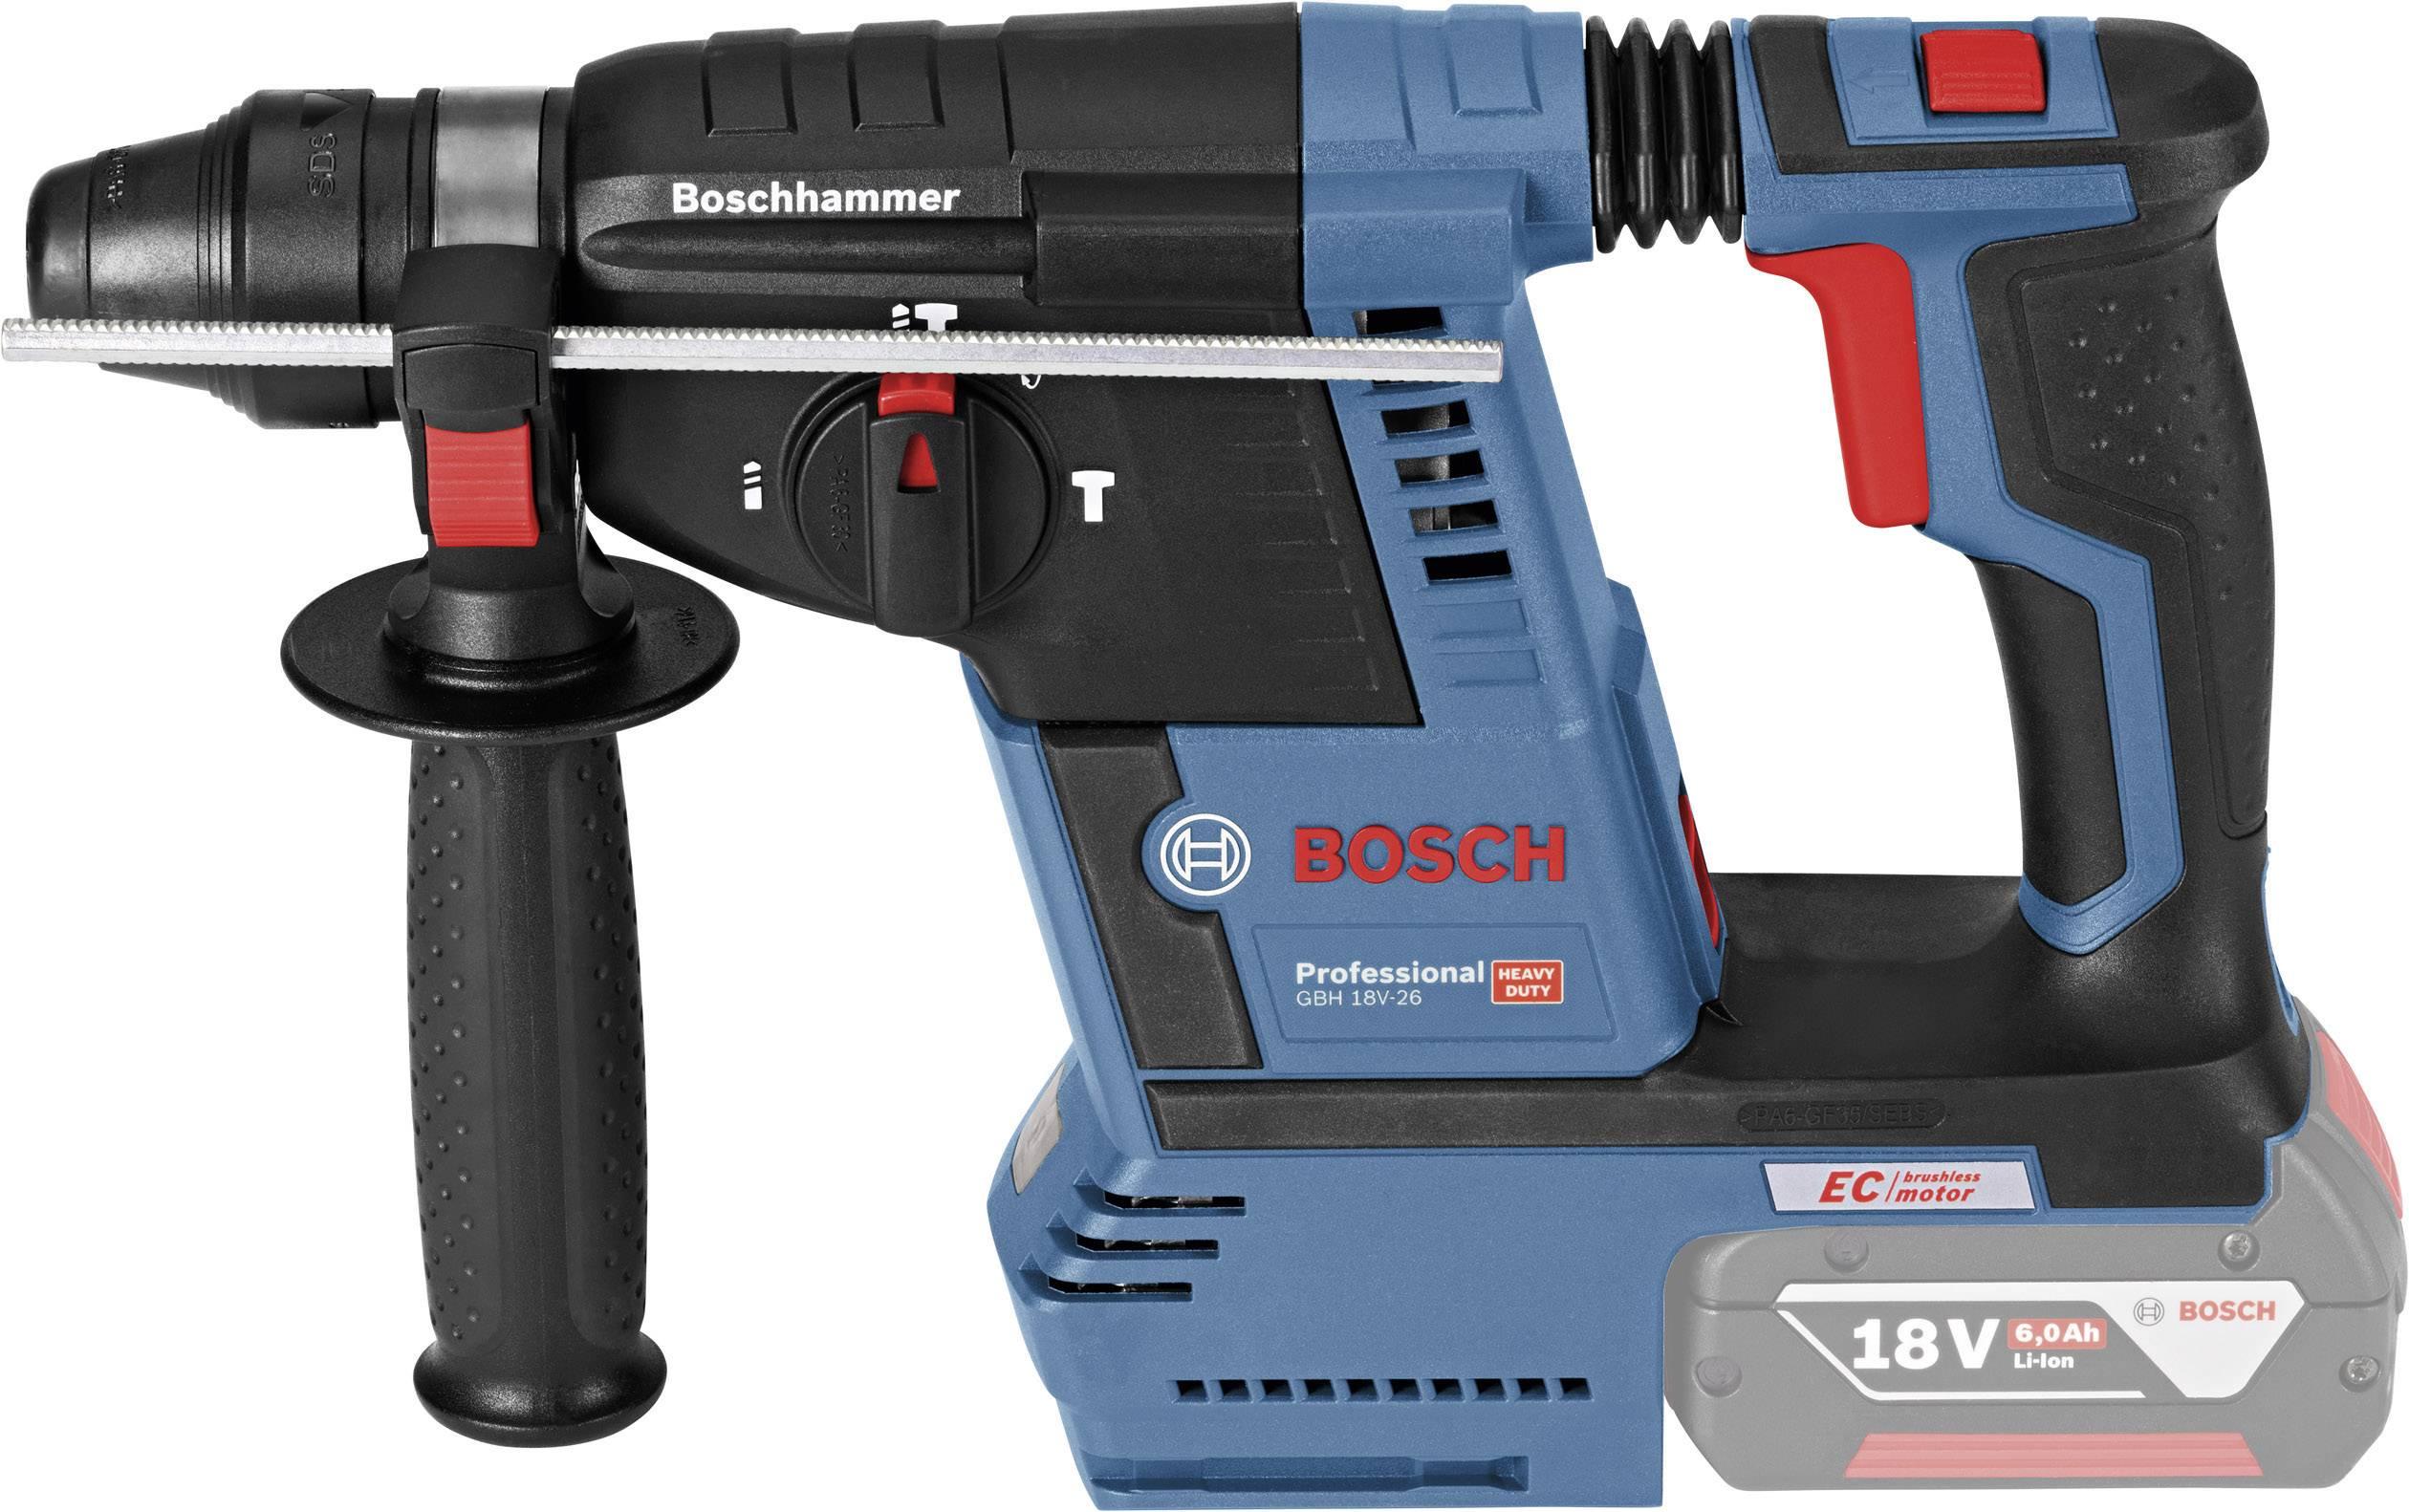 BOSCH Akku-Bohrhammer GBH 18V-26 Solo OHNE L-Boxx